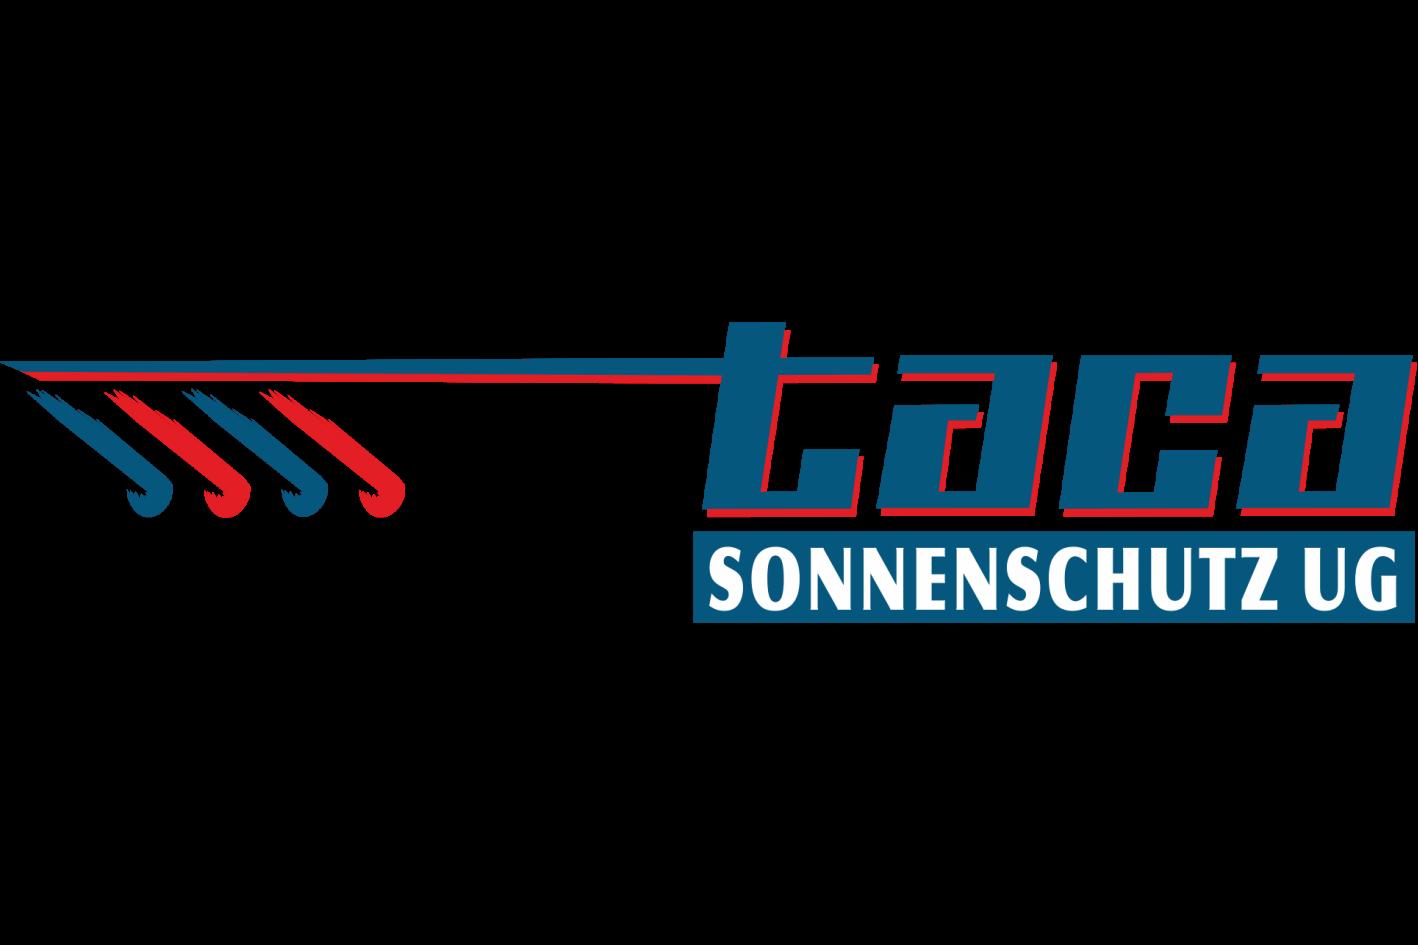 Altay Werbung Partner - Taca-Sonnenschutz UG (haftungsbeschränkt)